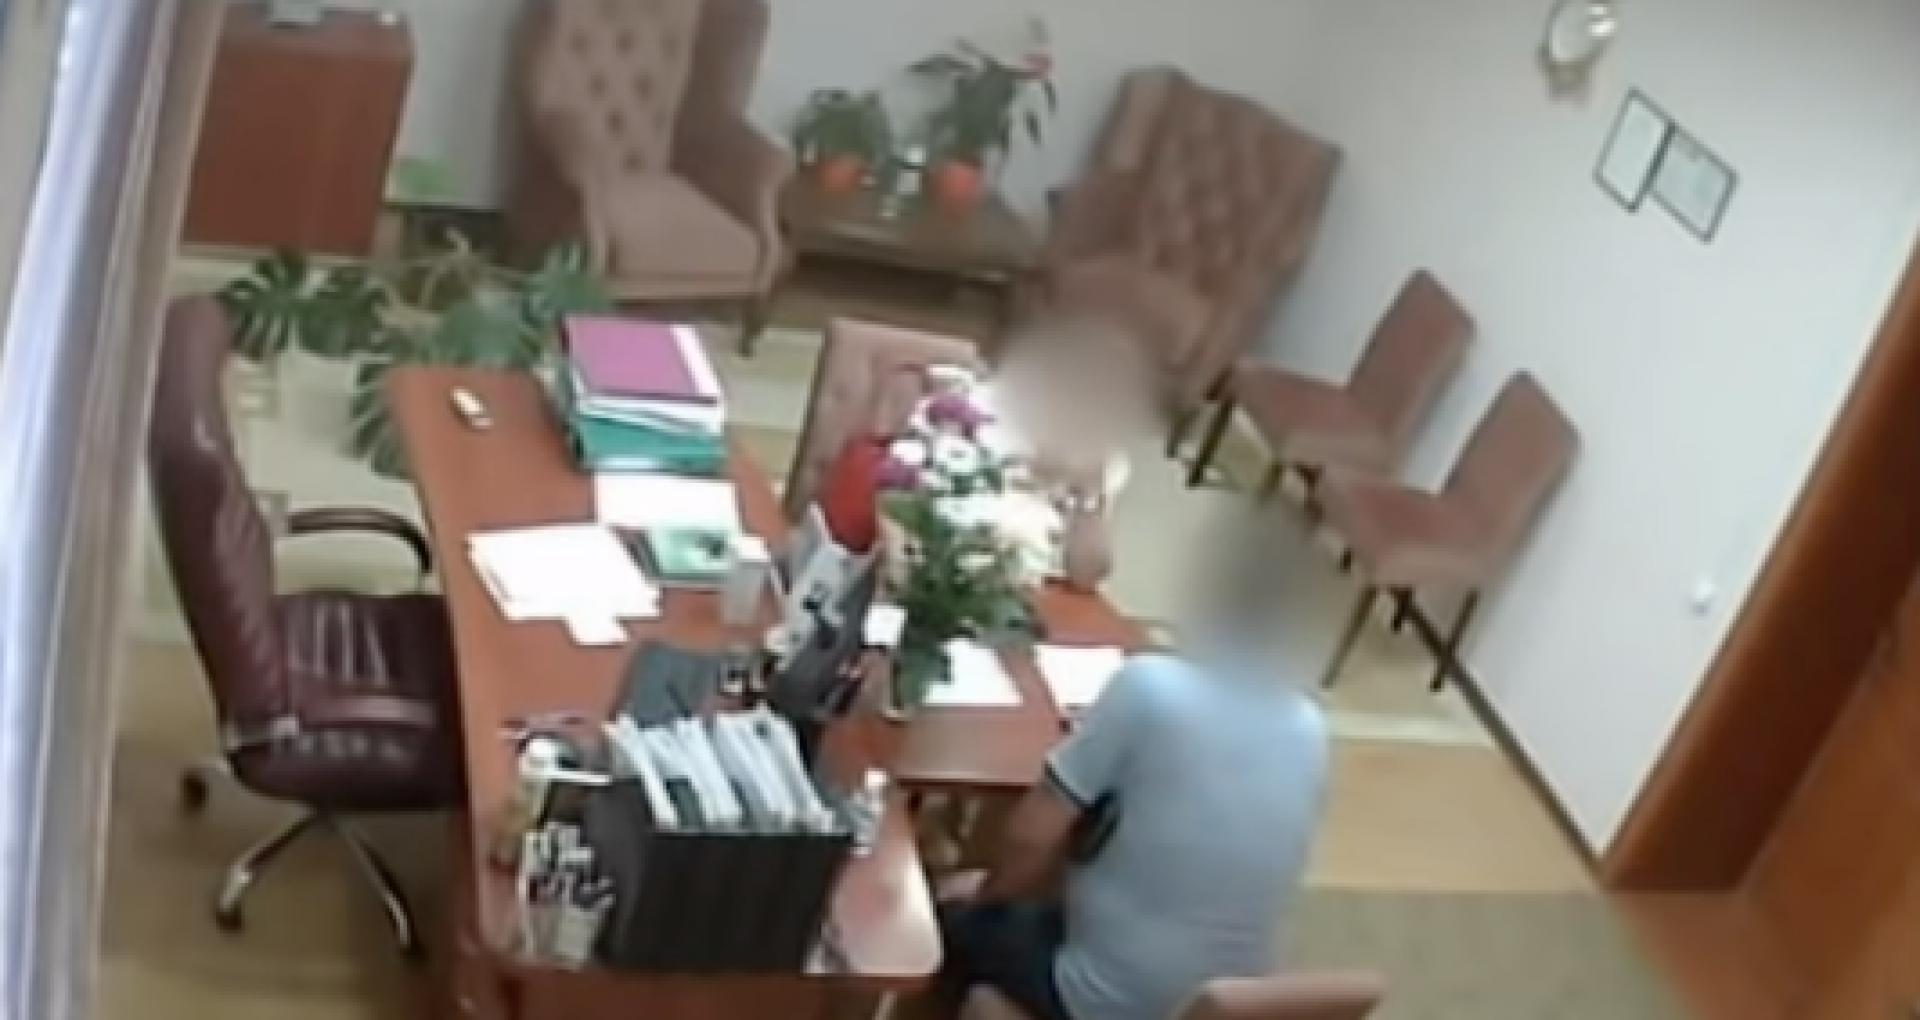 Magistrații au prelungit cu 30 de zile mandatele de arest la domiciliu pentru primara de la Trușeni, arhitectul șef și ex-șeful Întreprinderii Municipale a Primăriei